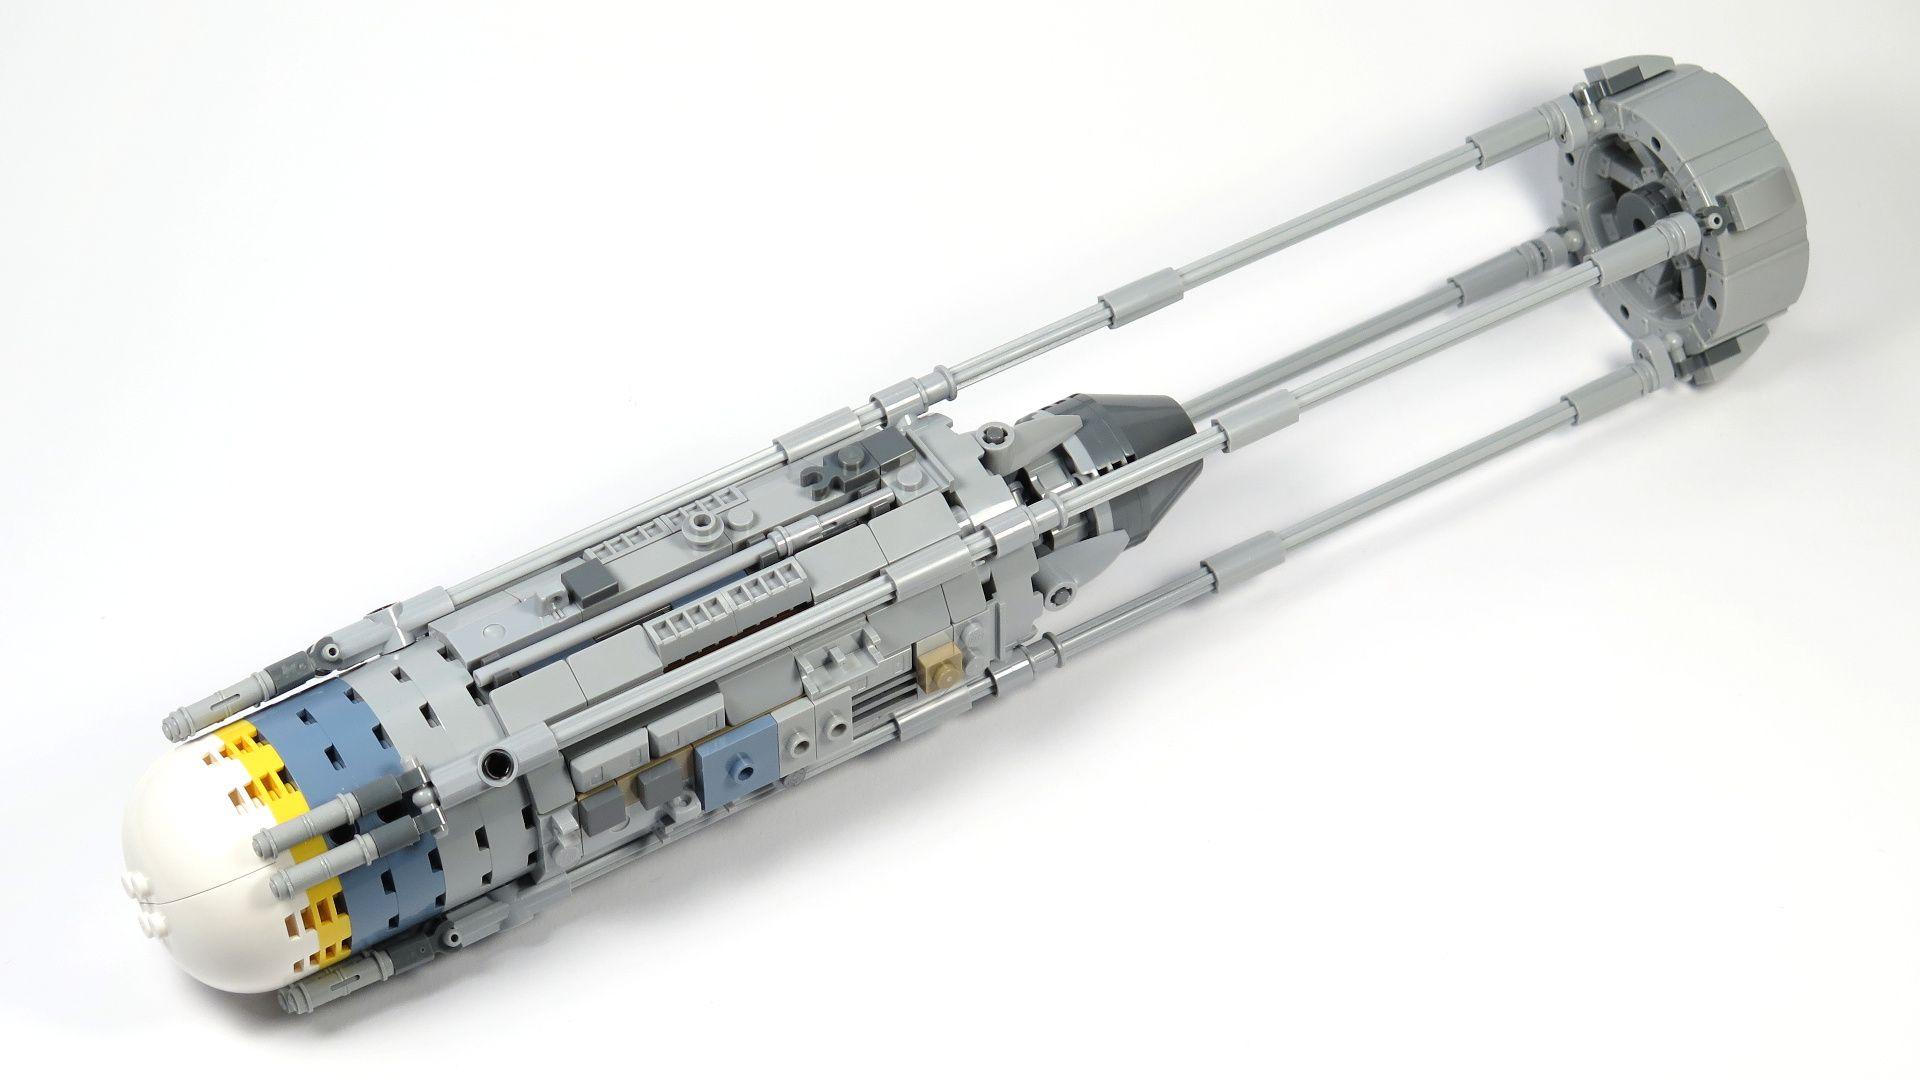 LEGO® Star Wars™ UCS Y-Wing Starfighter - Bauabschnitt 4 - Triebwerk mit Verkleidung und Gestänge | ©2018 Brickzeit